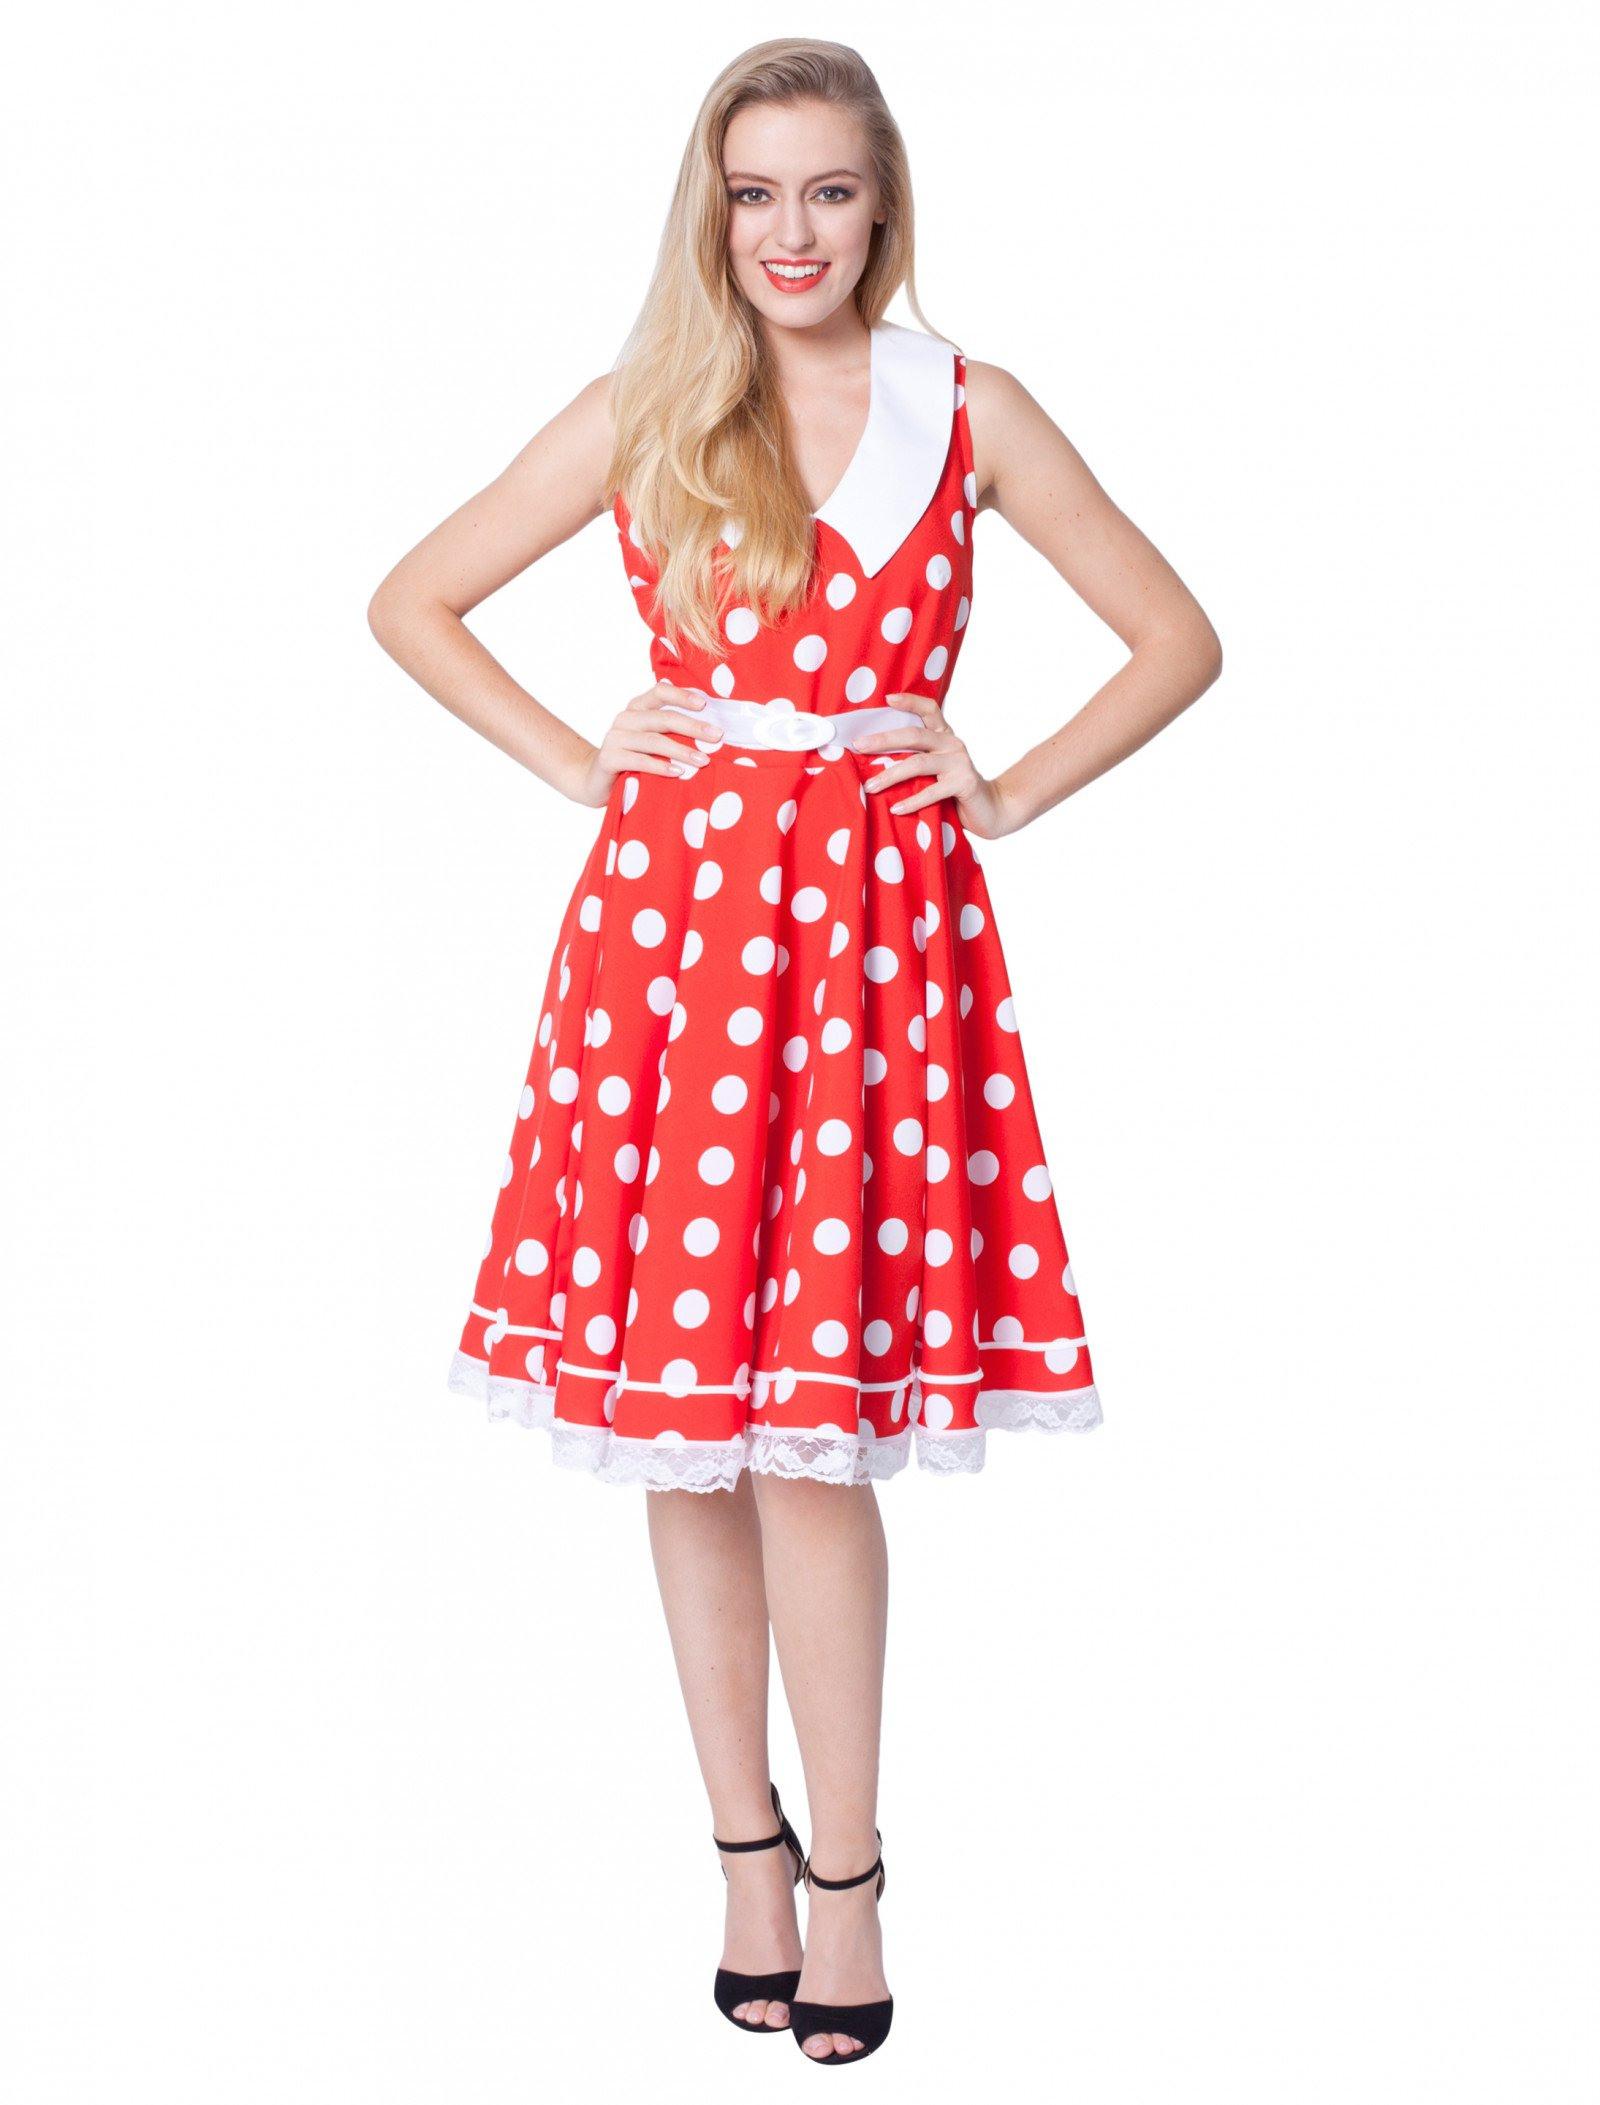 Designer Fantastisch Kleid Mit Punkten Vertrieb15 Schön Kleid Mit Punkten für 2019